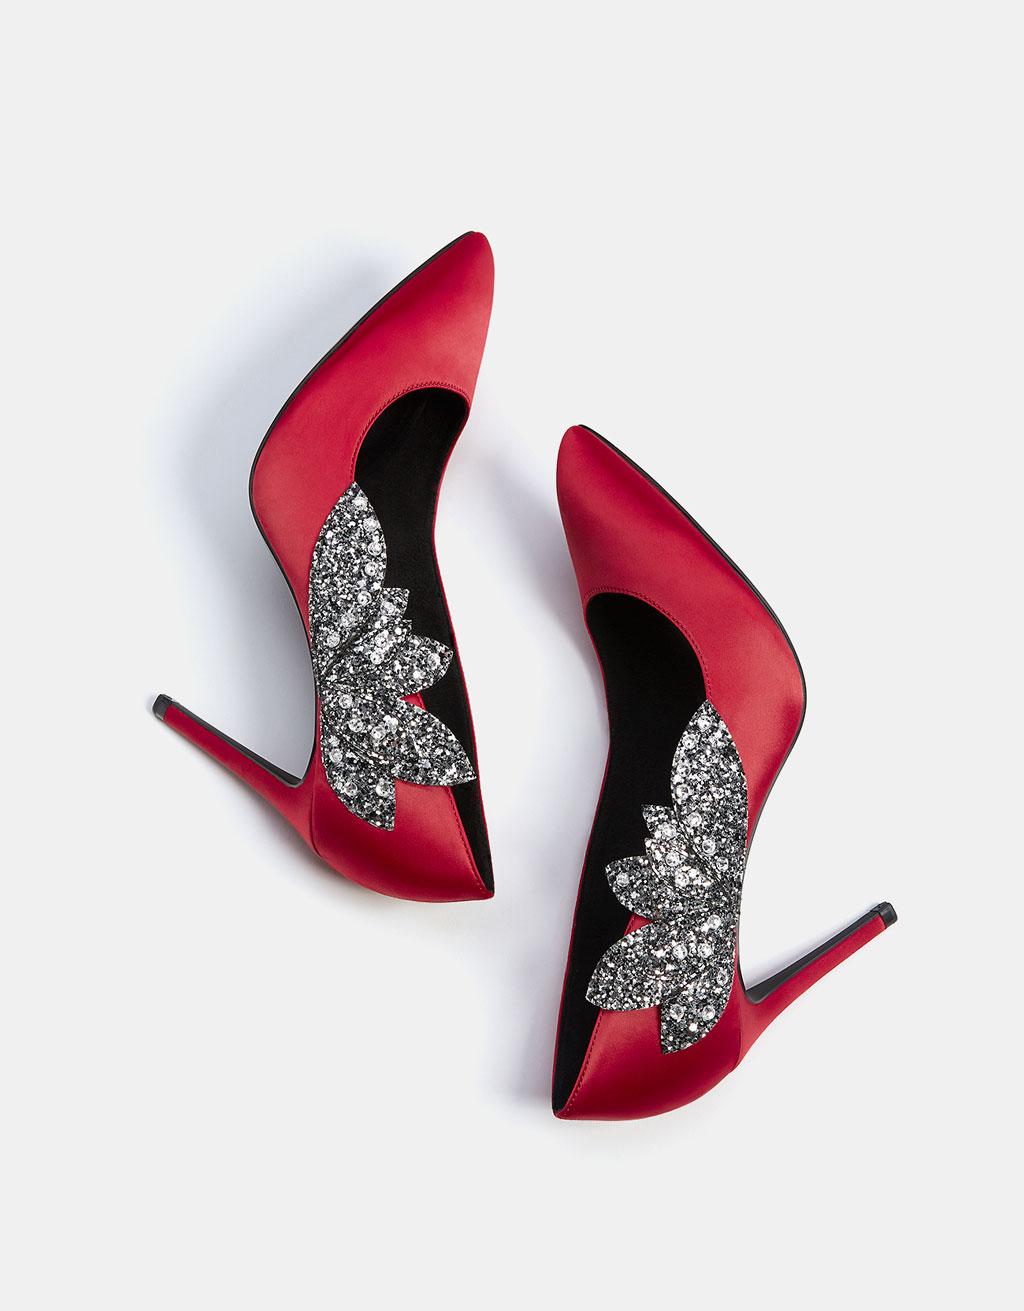 Schuh mit feinem Absatz aus Satin mit Schmucksteinen.